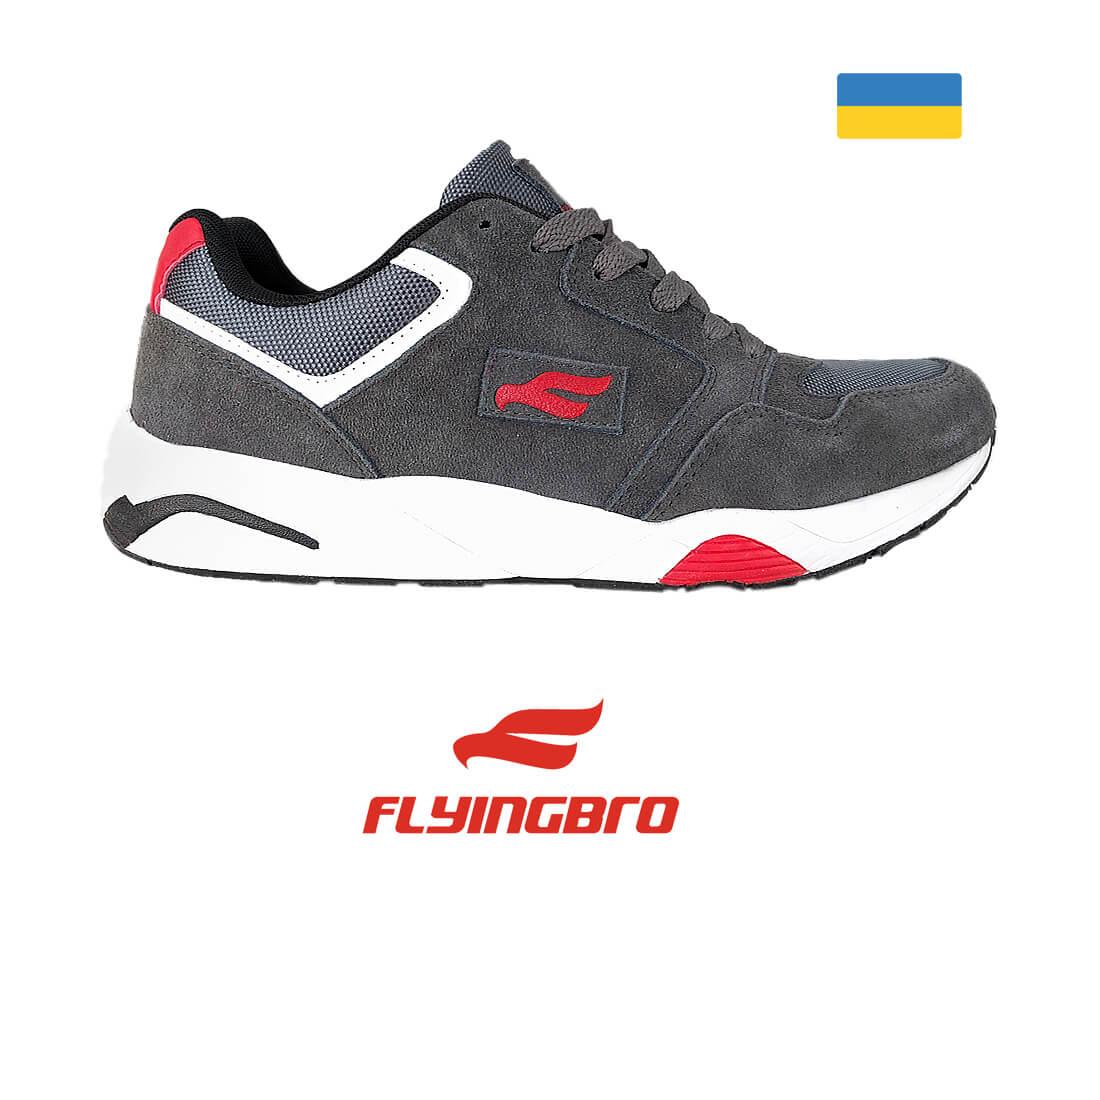 Відразу виникли складнощі з українськими взуттєвими підприємствами. В  Україні просто відсутнє сучасне обладнання для виробництва взуття. 02262d0135d57